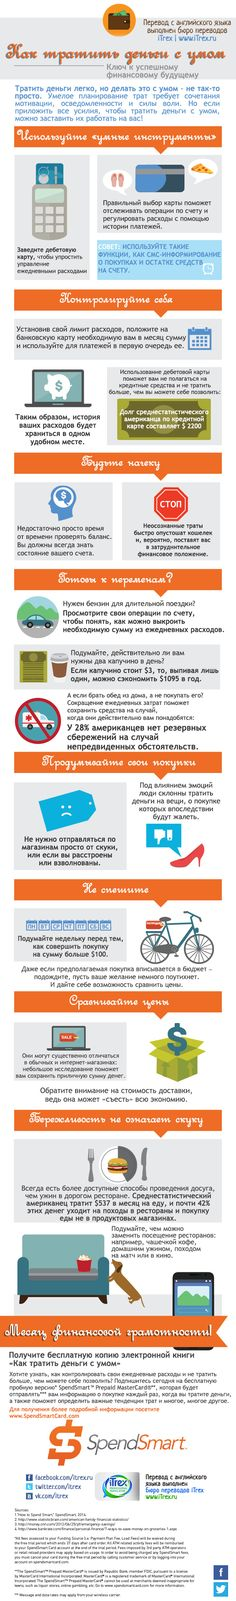 А вы умеете тратить деньги с умом? Или они незаметно улетают, оставляя о себе лишь воспоминания? Несколько подсказок в нашем новом переводе инфографики. http://itrex.ru/news/tratit_dengi_s_umom